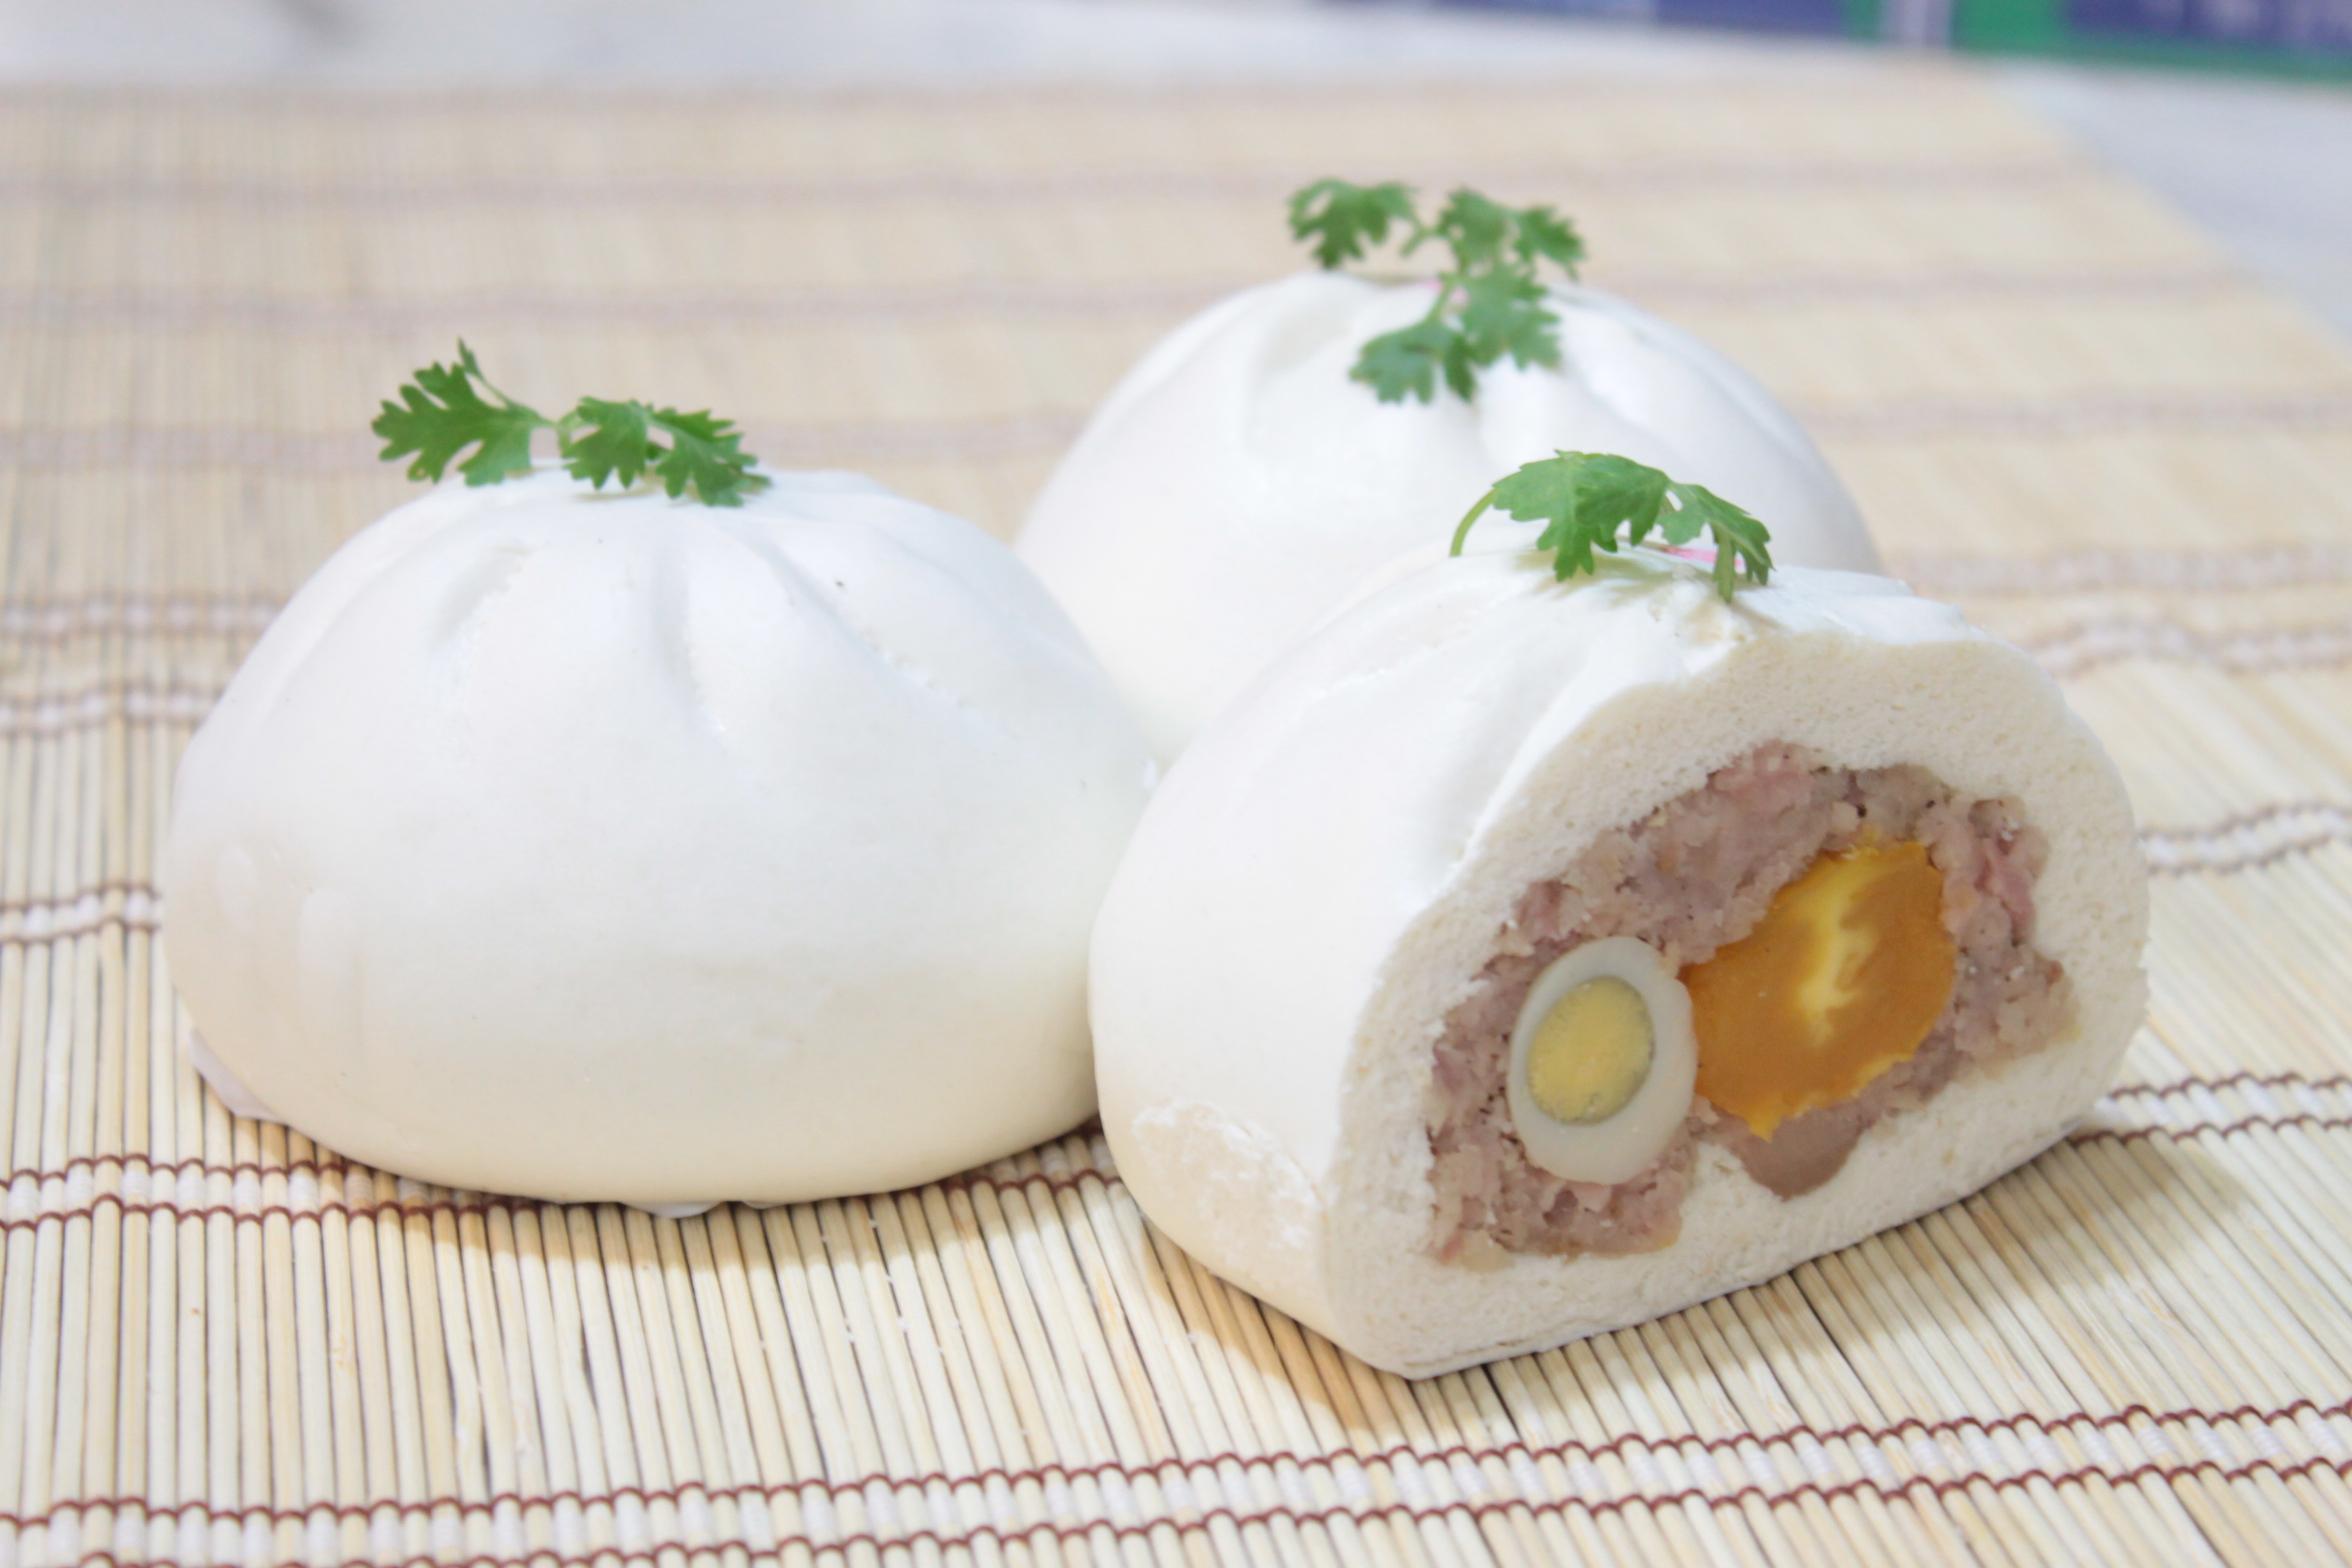 cách làm bánh bao bằng nồi cơm điện